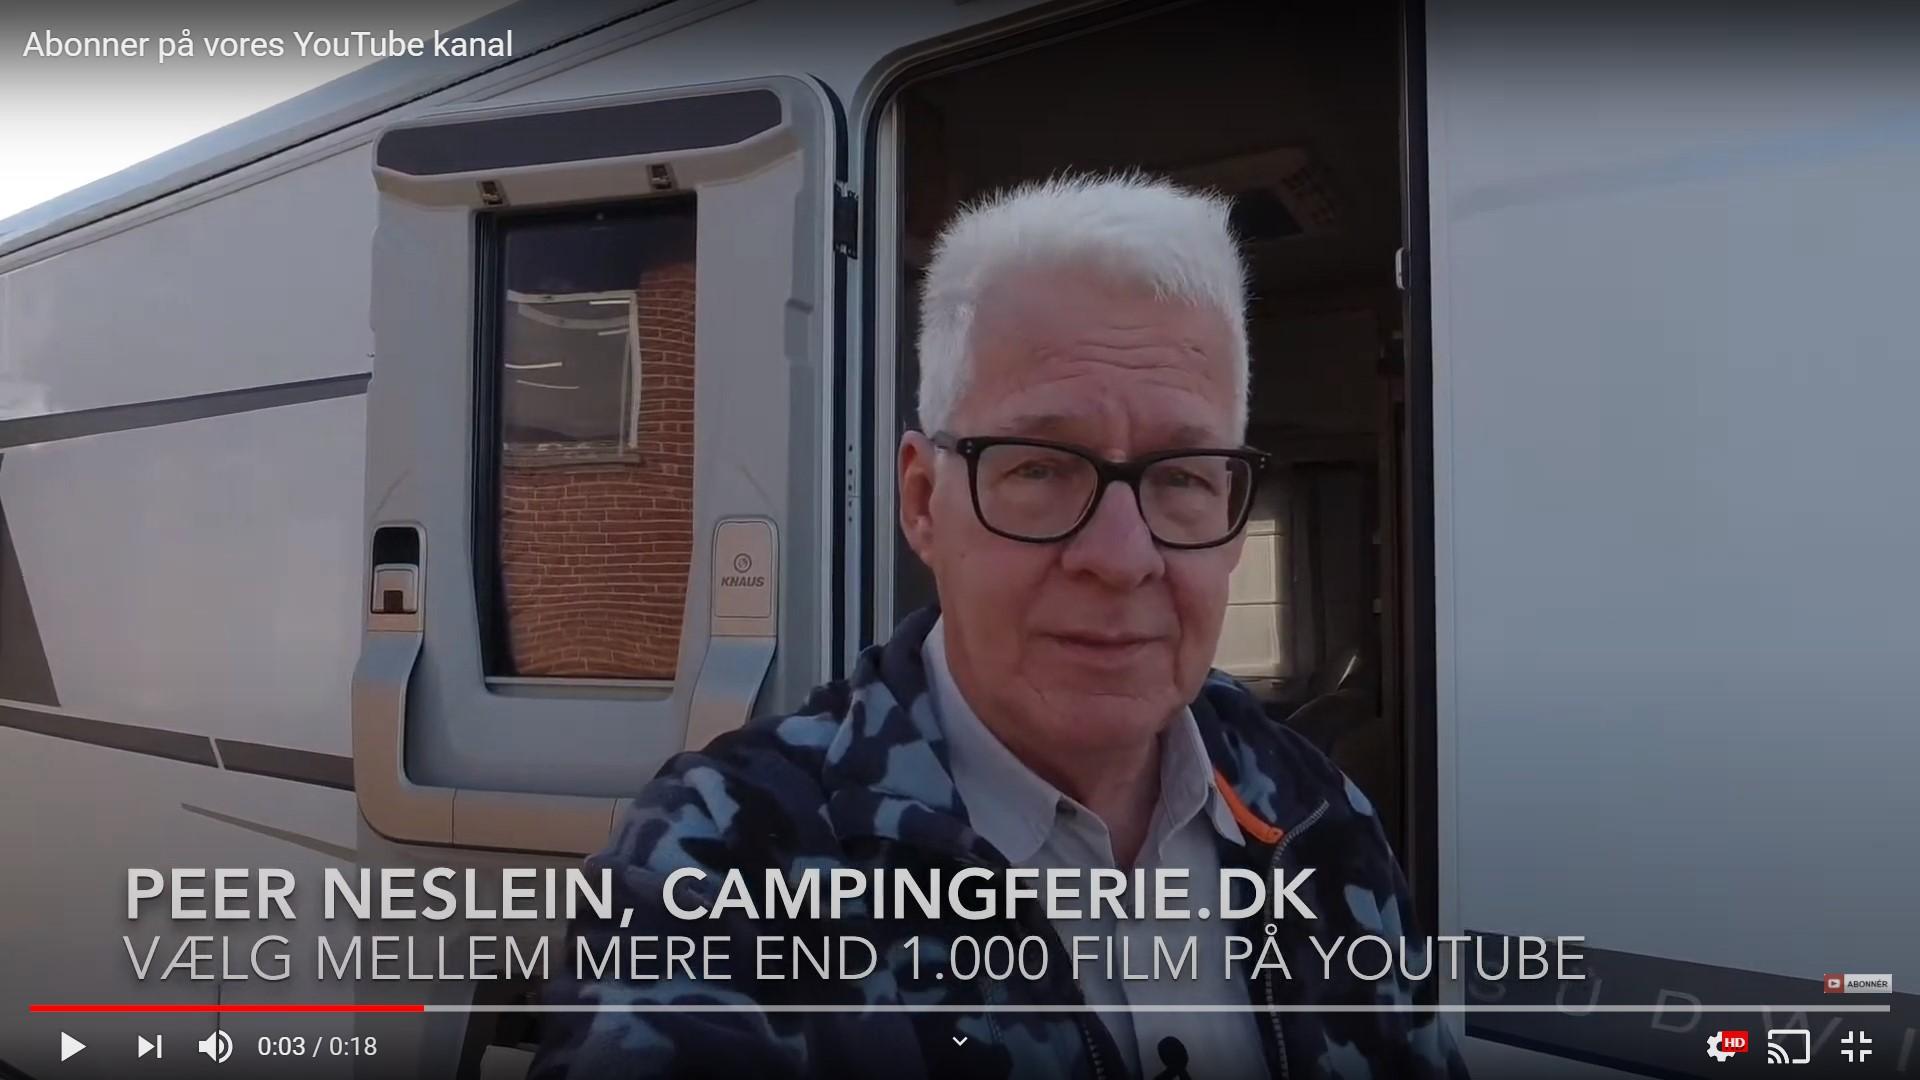 Få automatisk besked når Campingferie.dk har lavet en ny film